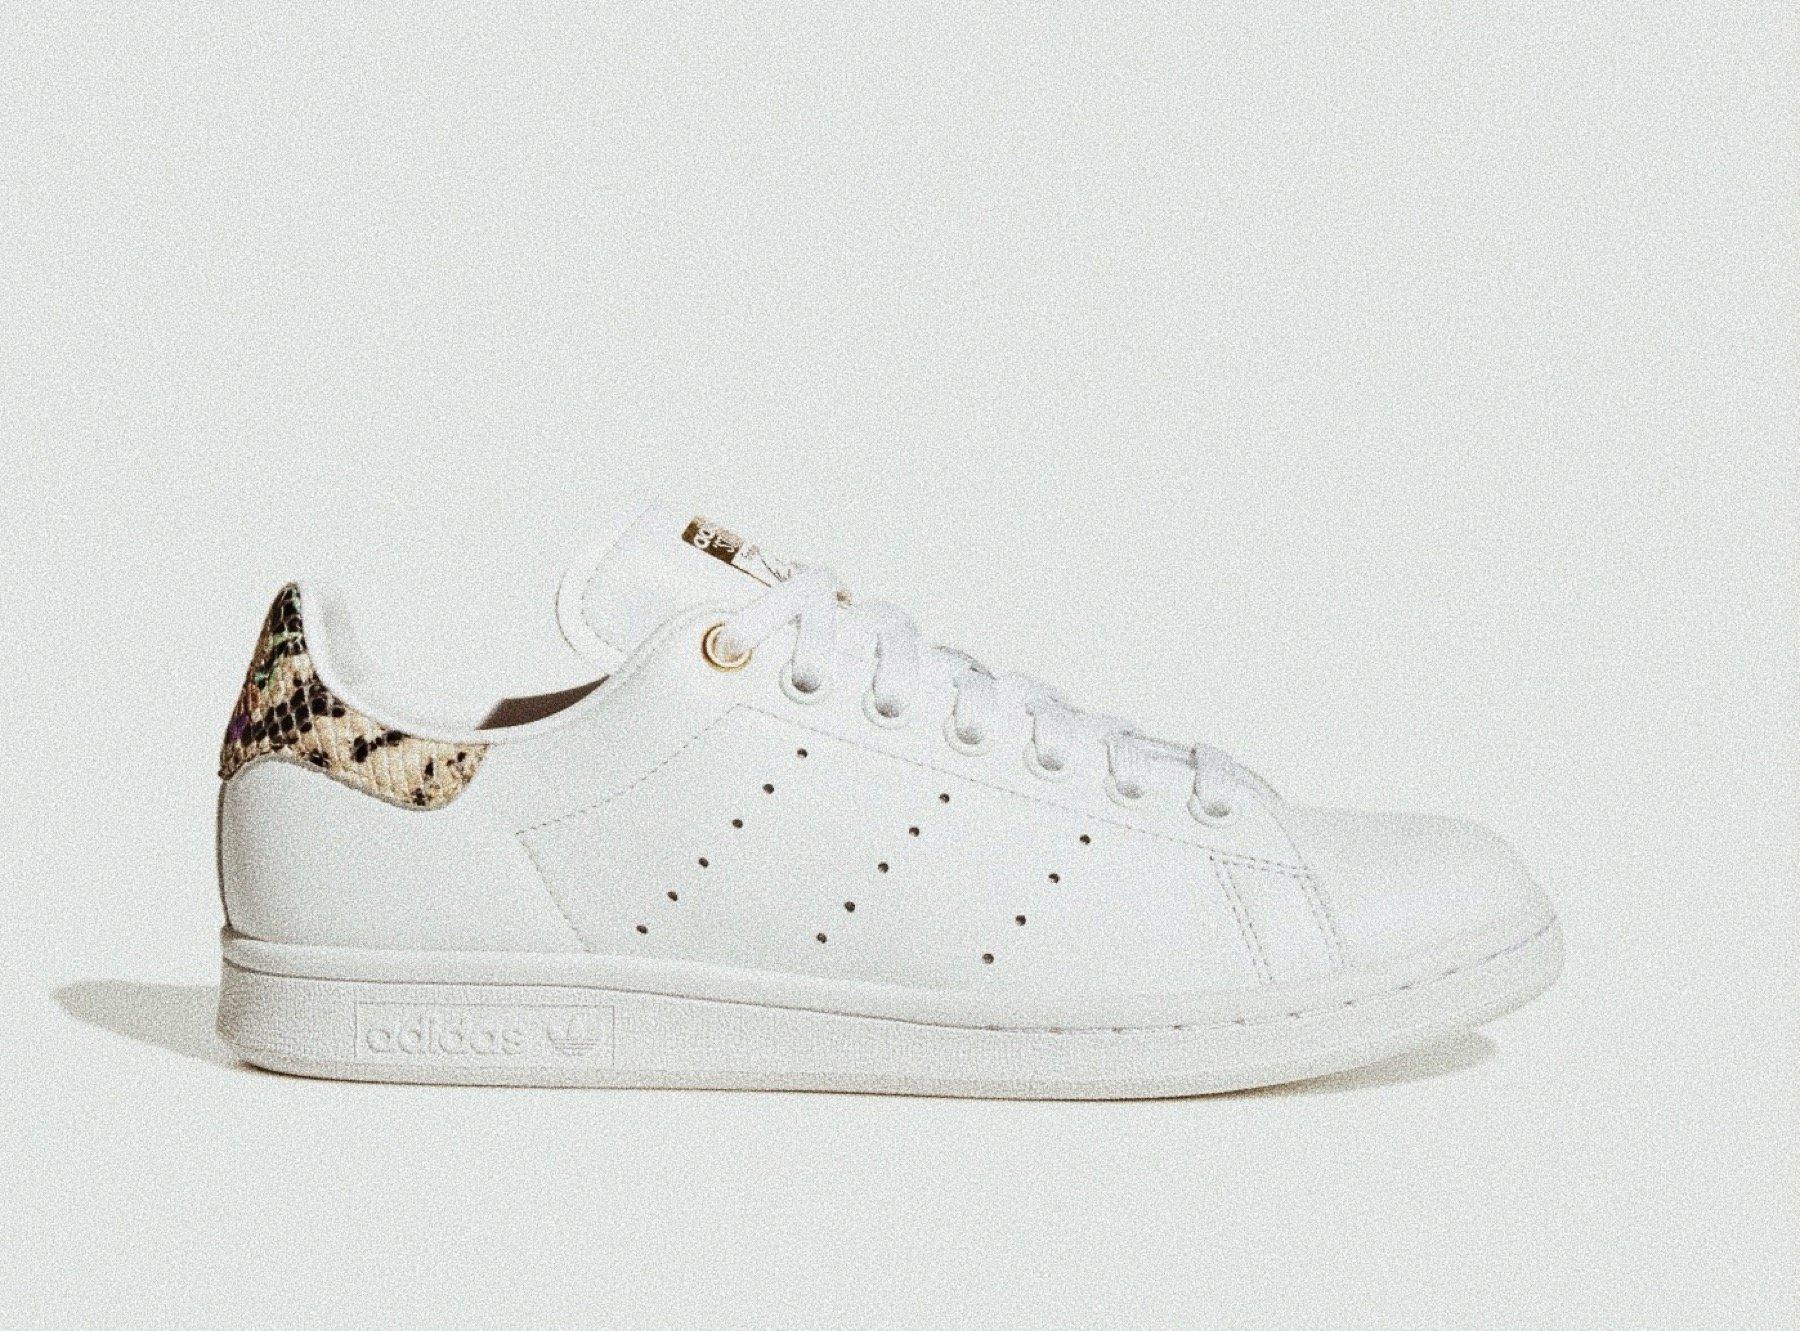 jenna minnie jennaminnie fashionblog stan smith sneakers sportshowroom